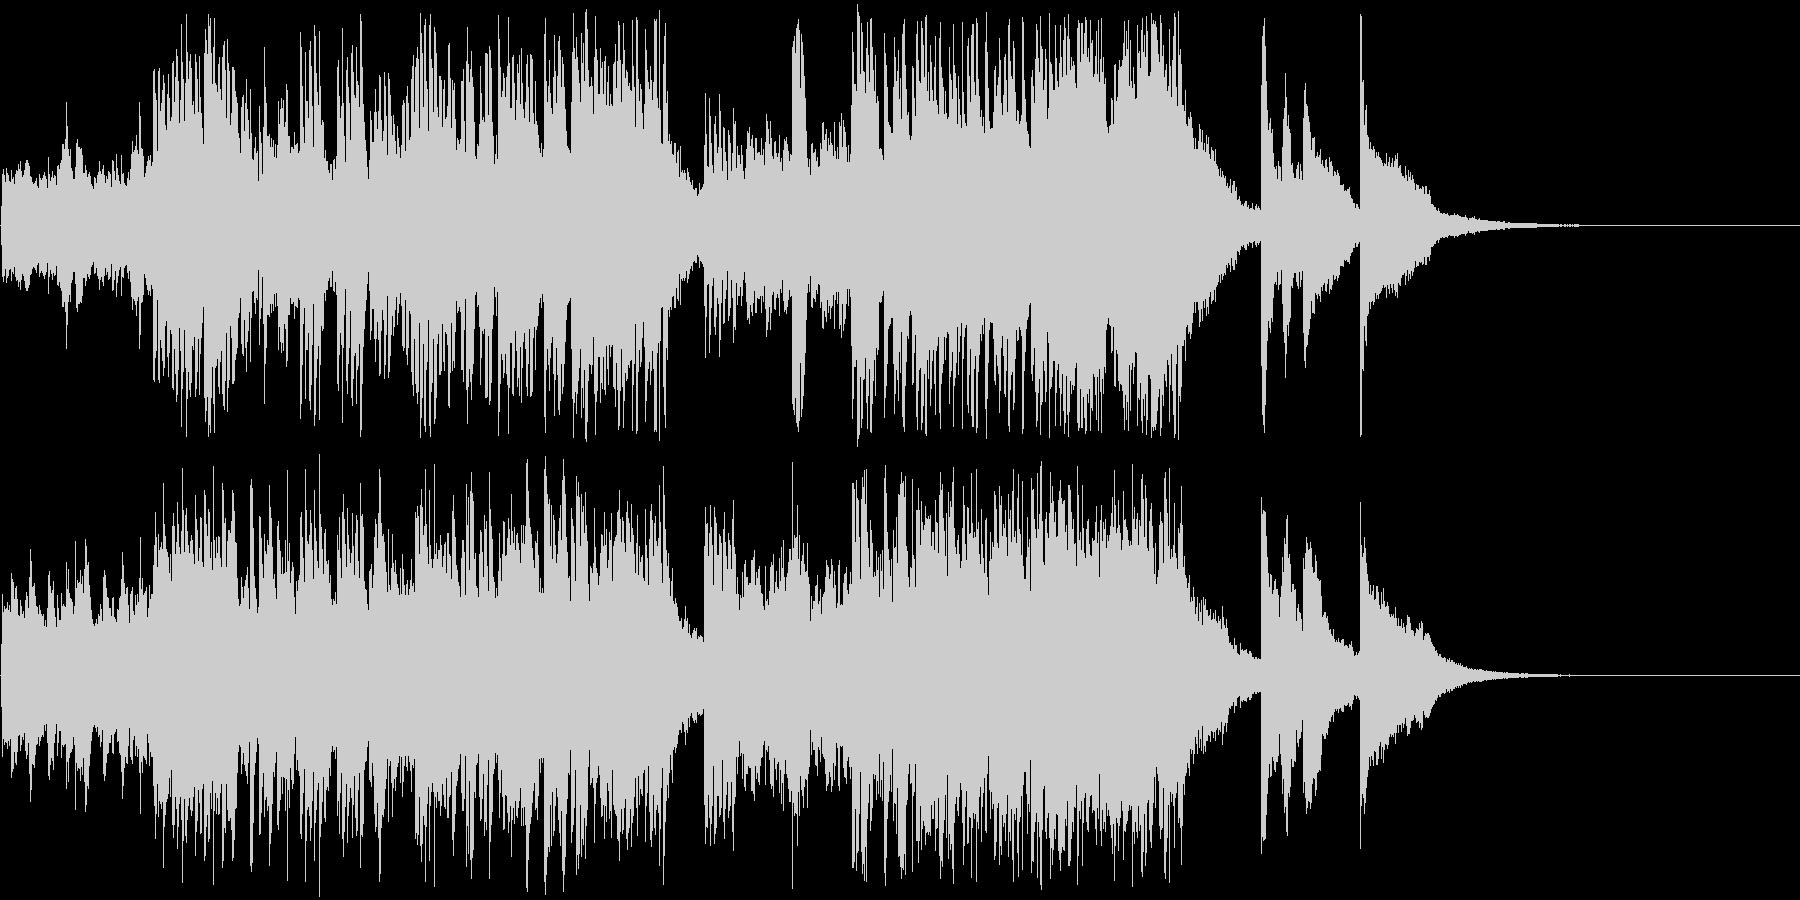 テンポ感のある現代音楽調のピアノ曲の未再生の波形